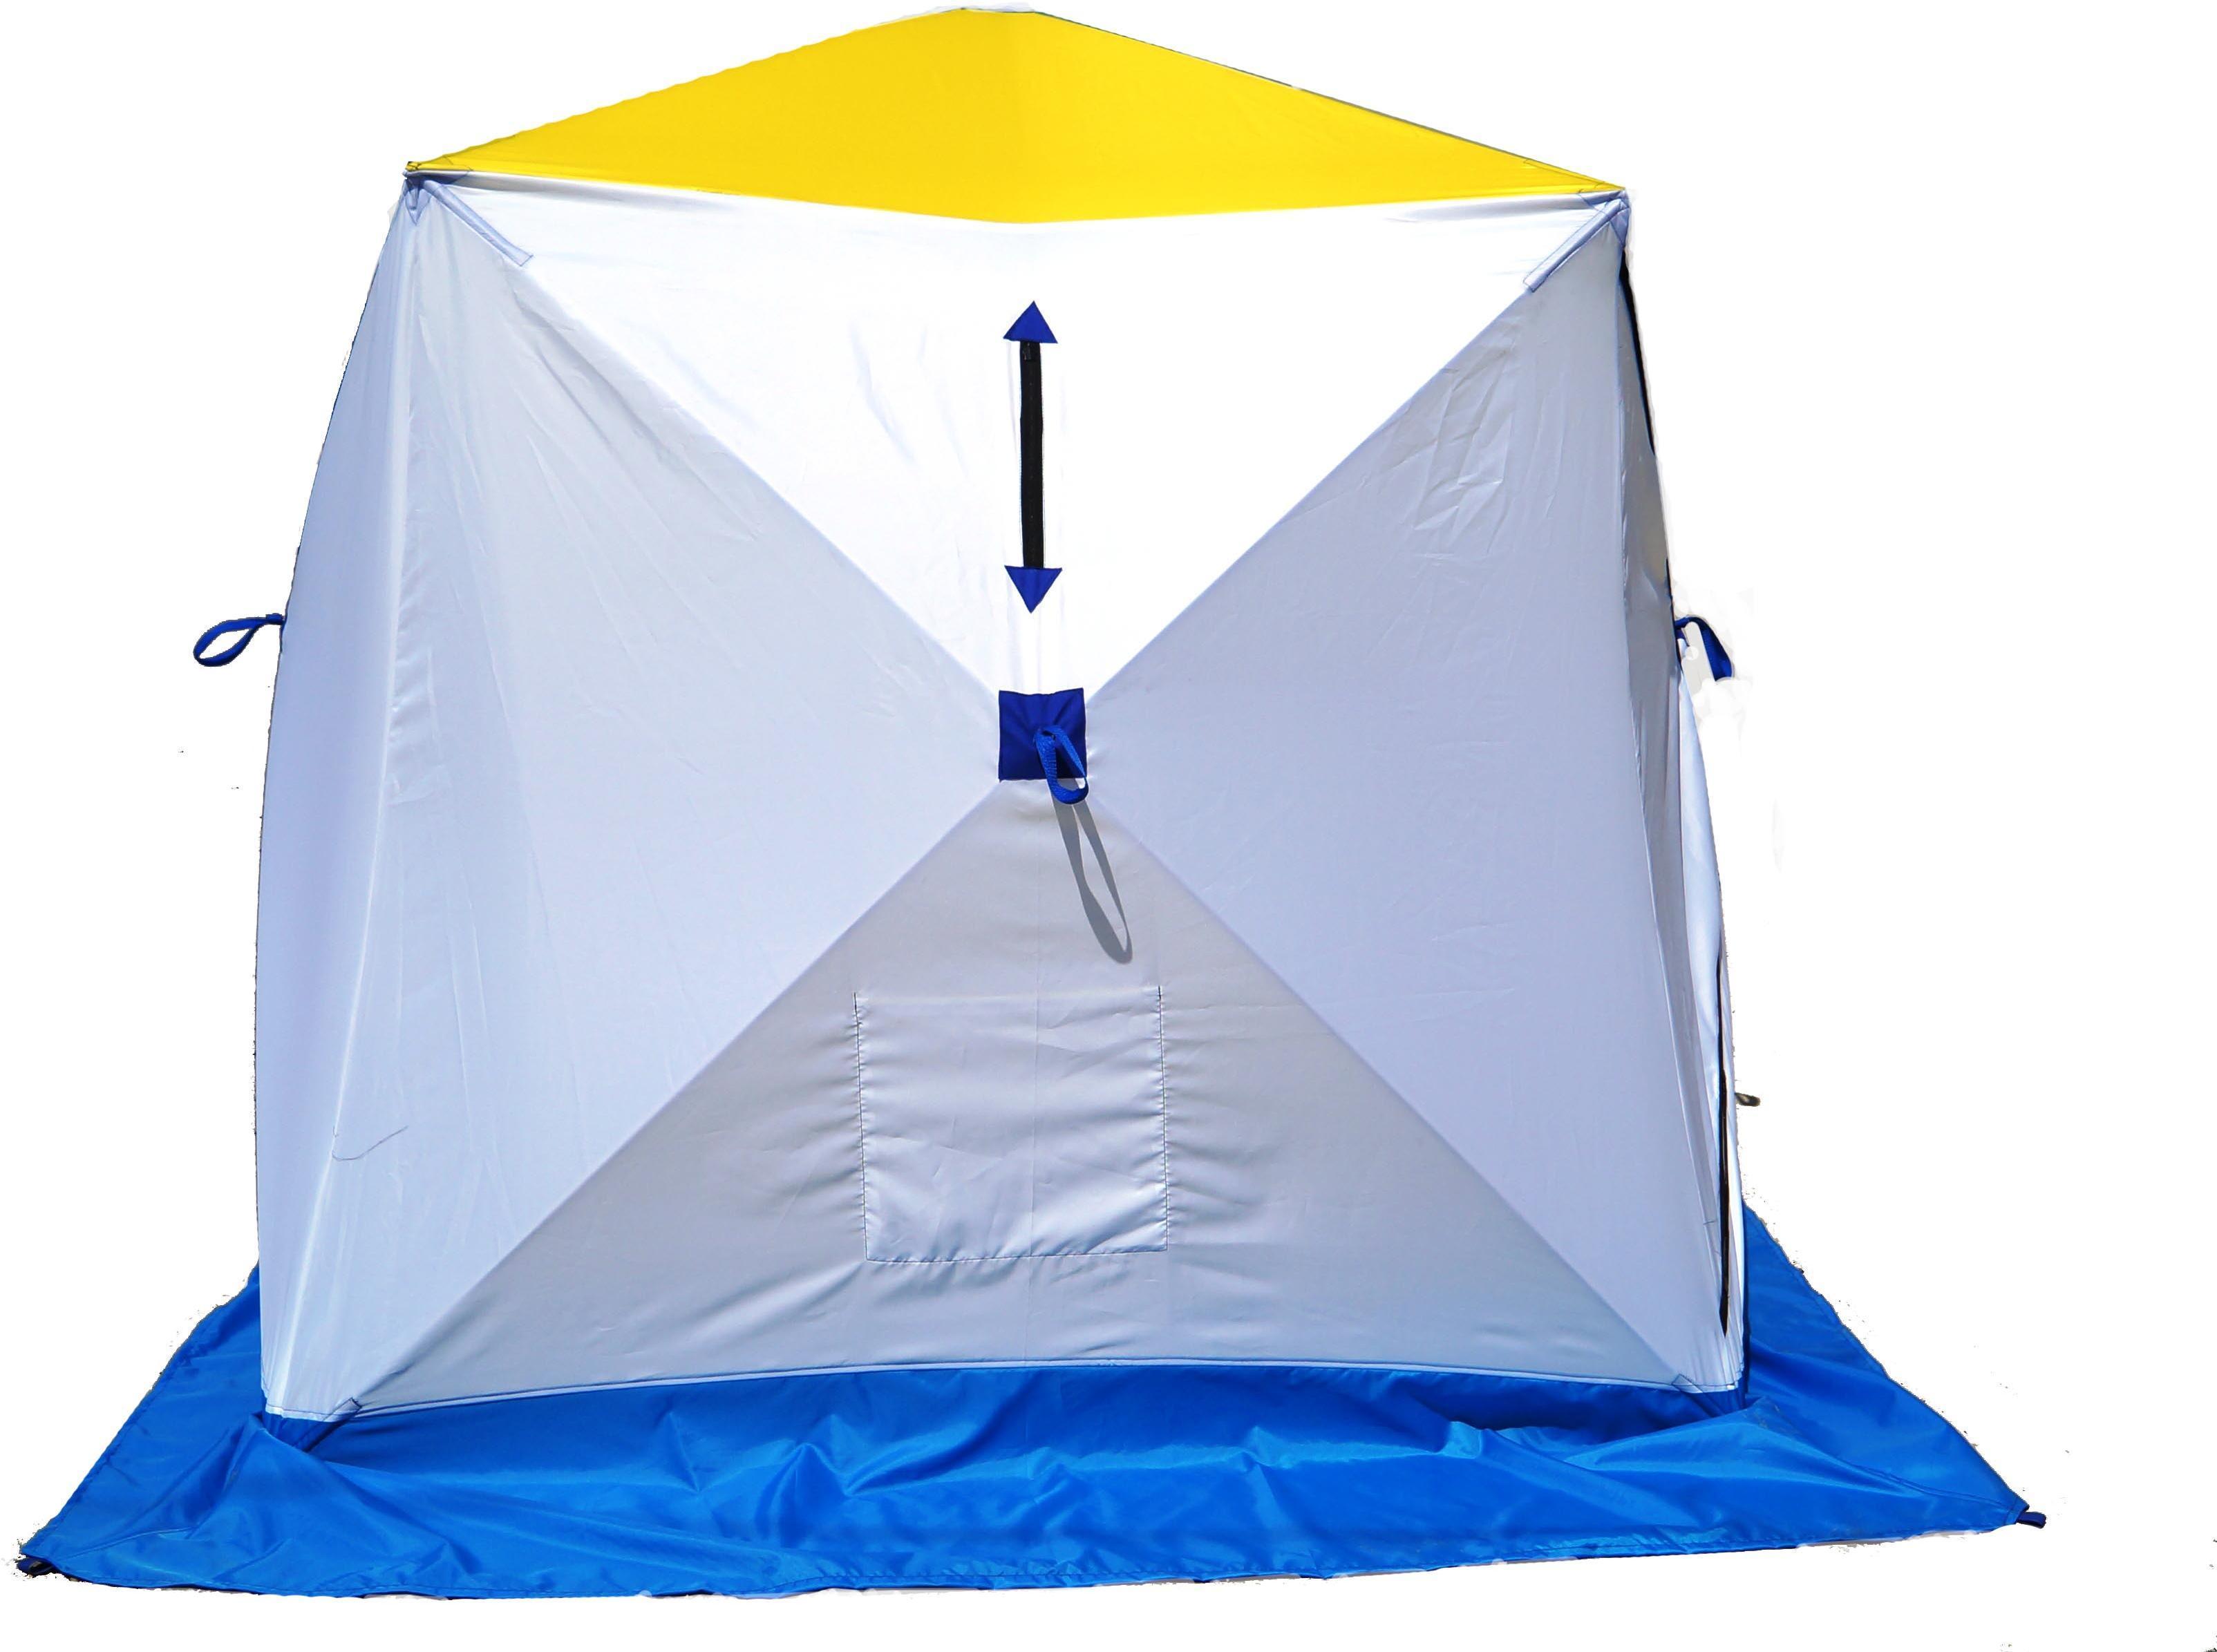 Палатка для зимней рыбалки Стэк Куб-2, Палатки автоматы - арт. 694600325